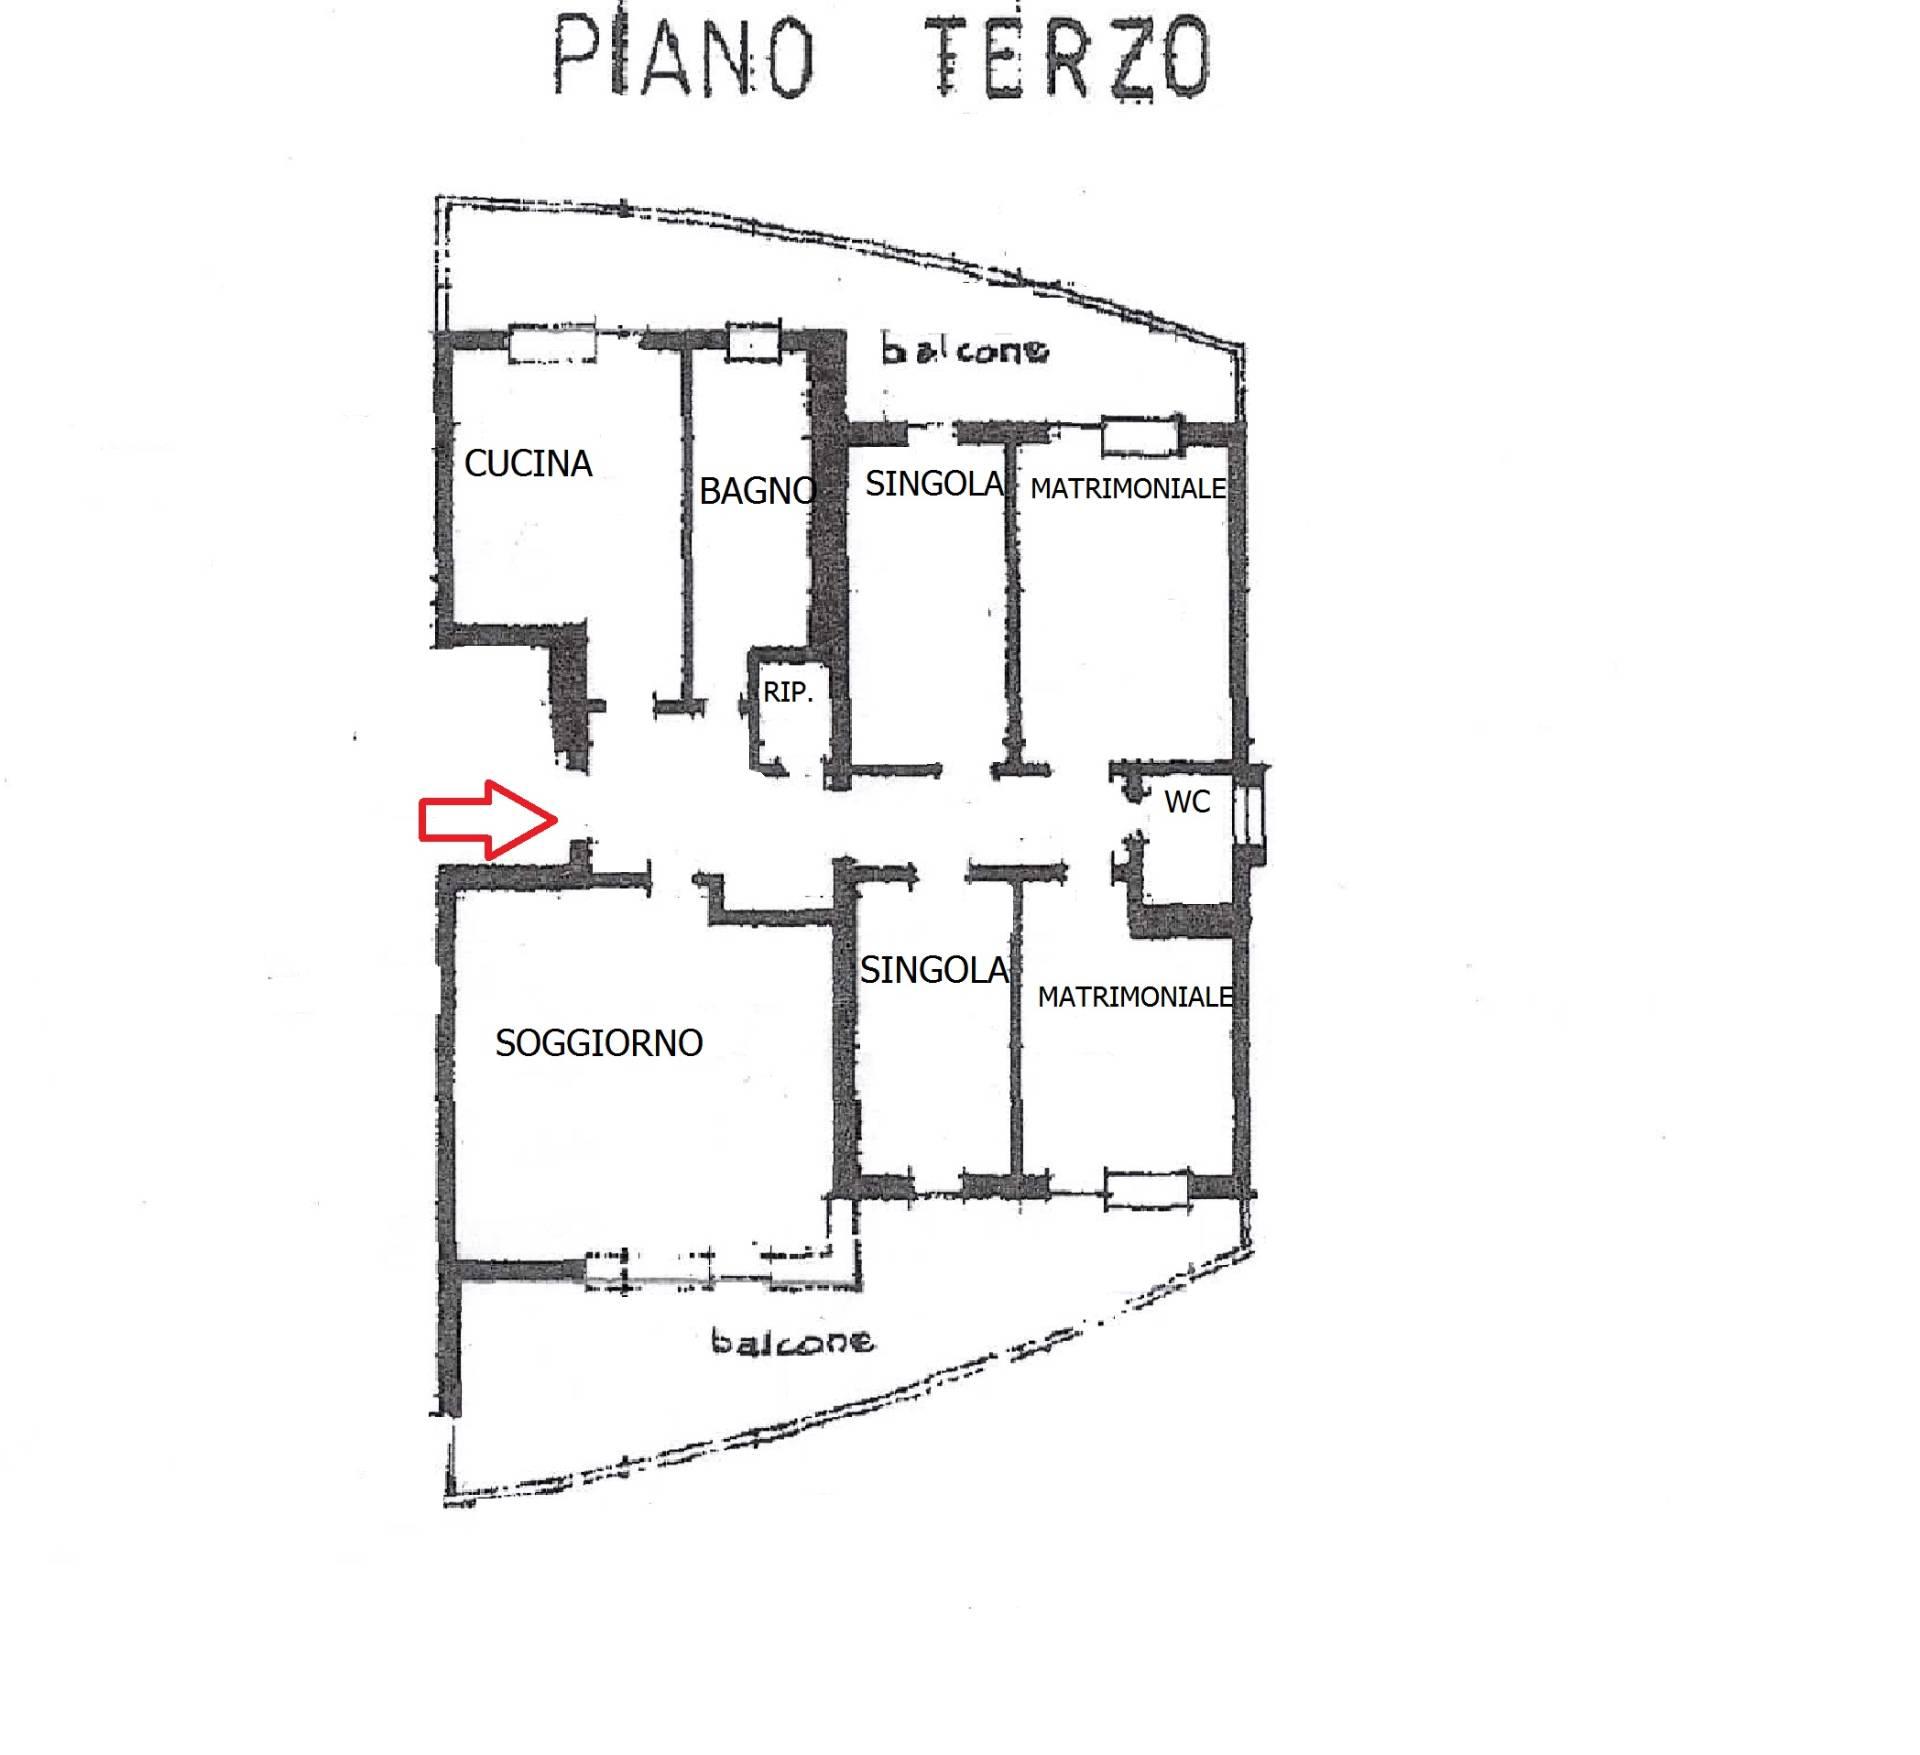 Appartamento in affitto a Bolzano, 6 locali, zona Località: piani, prezzo € 1.600 | PortaleAgenzieImmobiliari.it